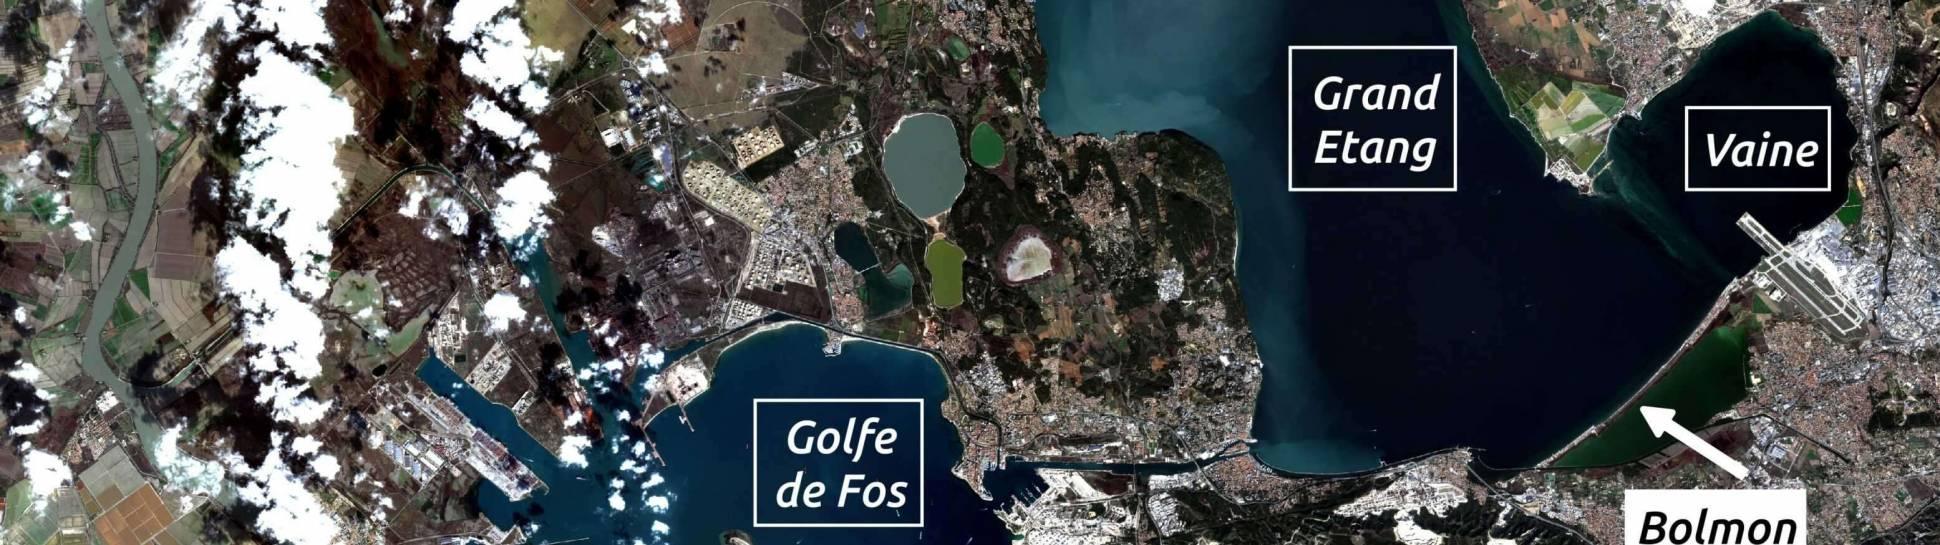 Carte de la situation de l'étang de Berre (Image Sentinel-2 Copernicus Sentinel Data)